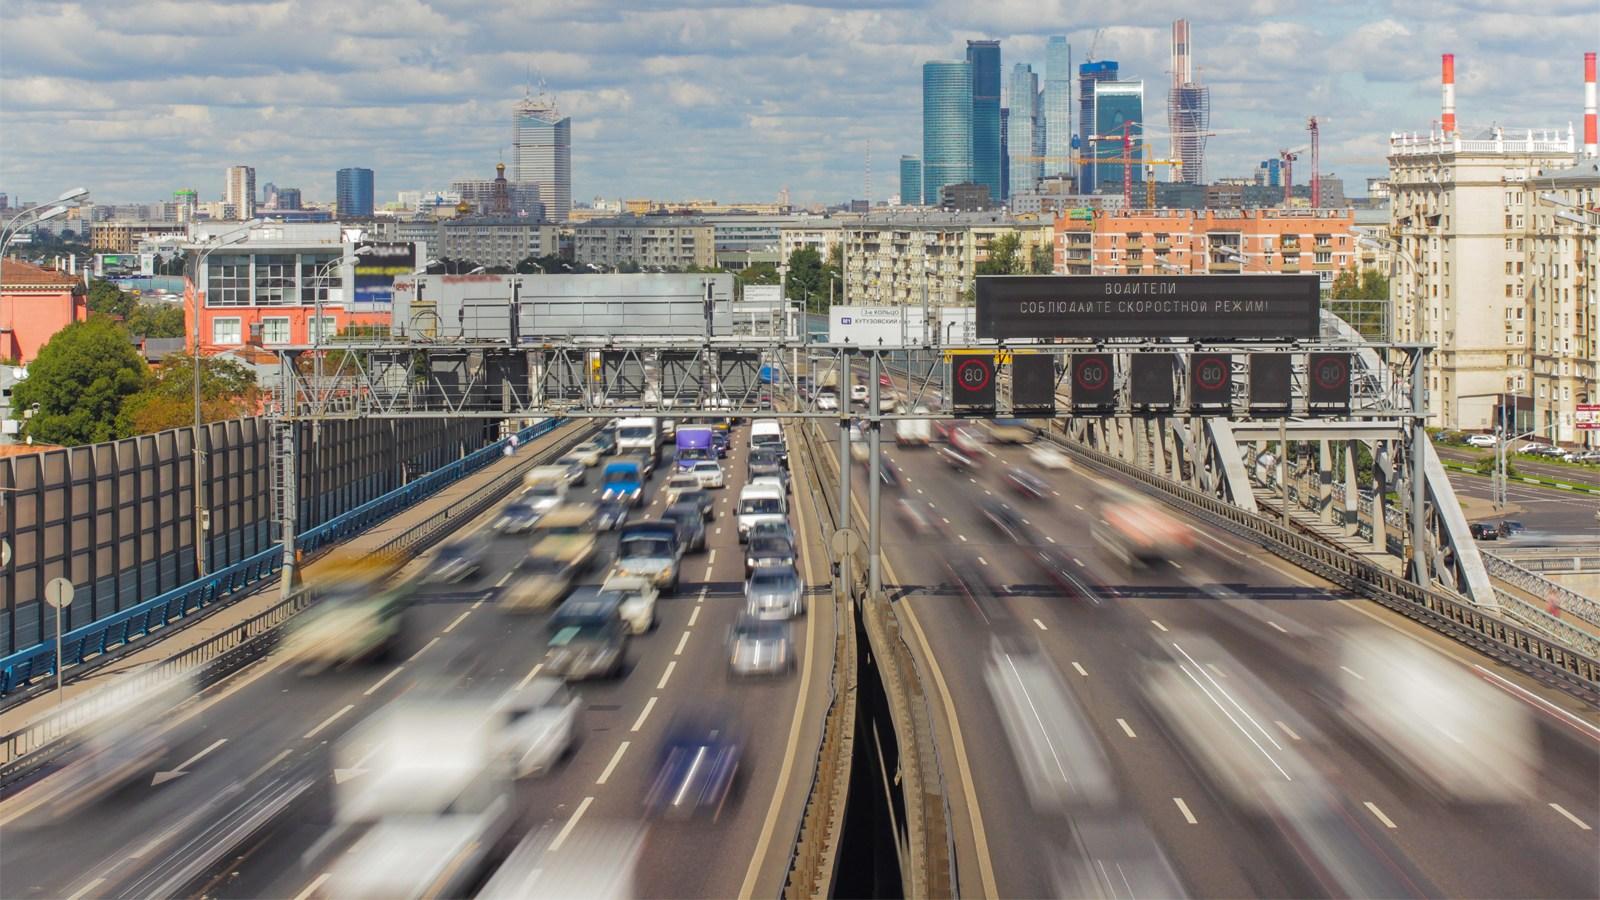 Известен средний возраст авто в Российской Федерации - автоновости